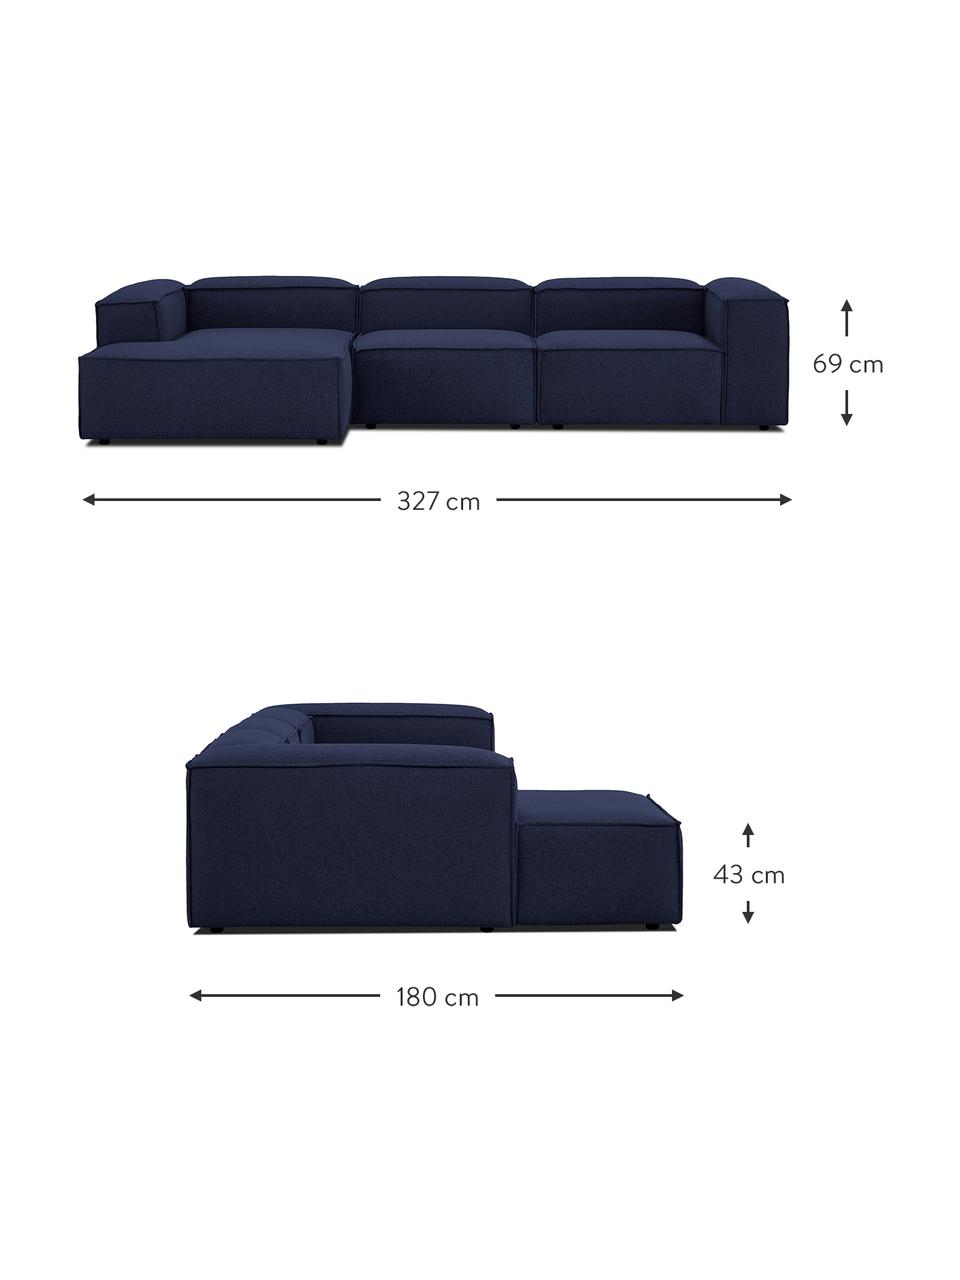 Narożna sofa modułowa Lennon, Tapicerka: 100% poliester Dzięki tka, Stelaż: lite drewno sosnowe, skle, Nogi: tworzywo sztuczne Nogi zn, Niebieski, S 327 x G 180 cm